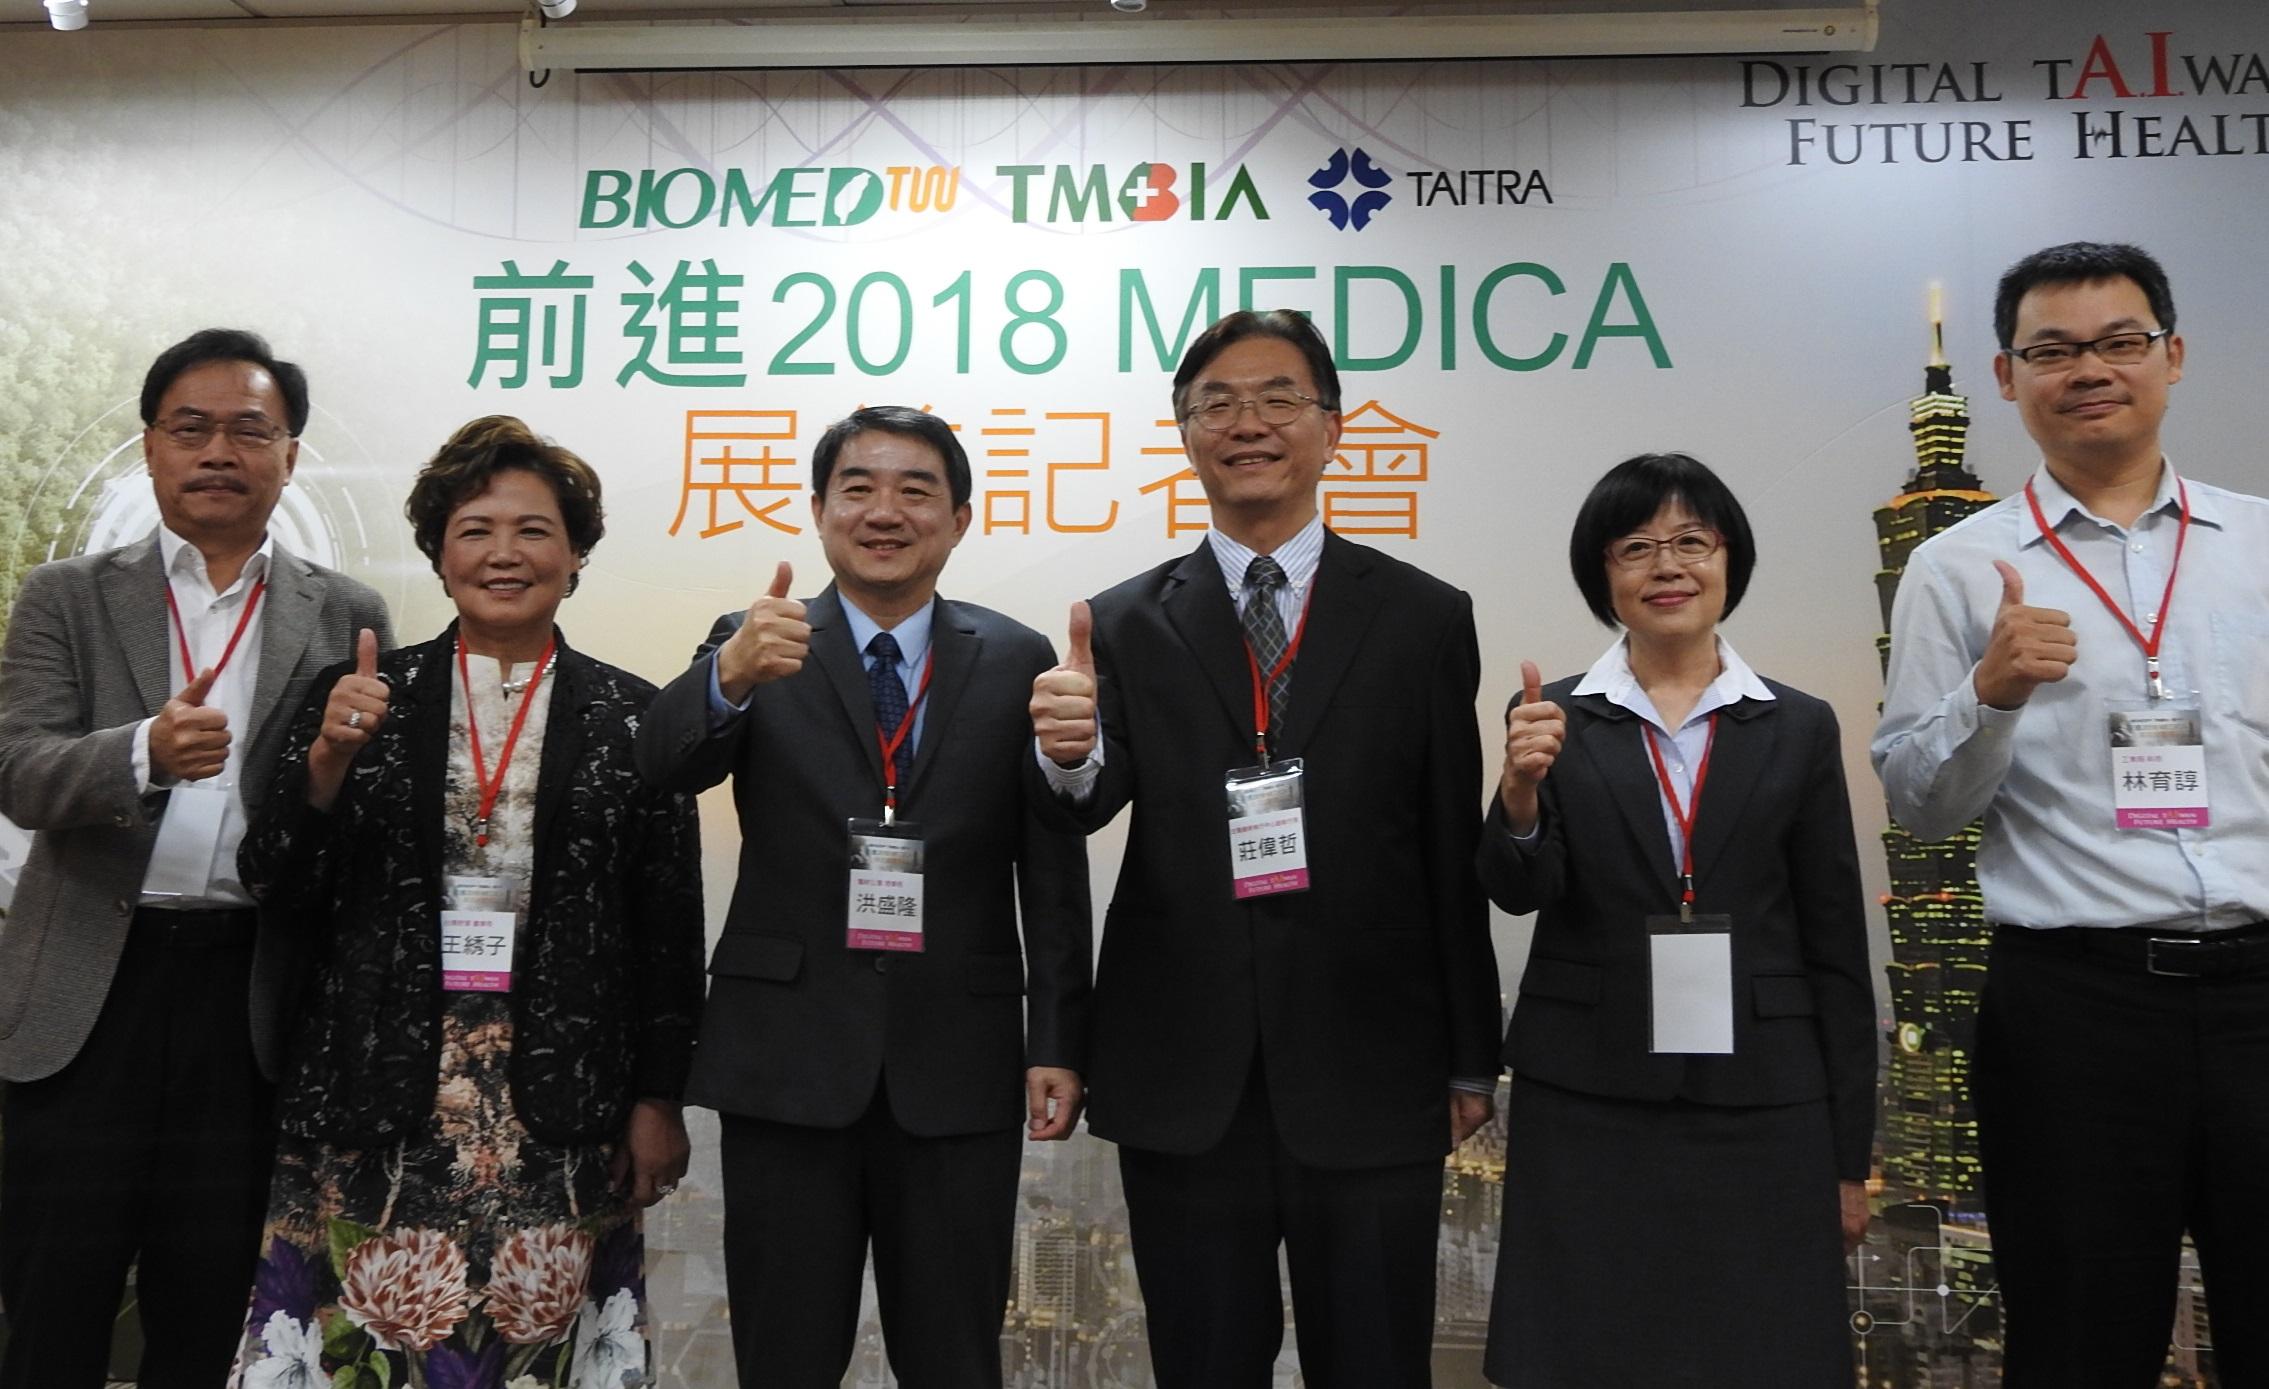 生醫創新執行中心與醫材公會首度攜手 領軍百家臺灣醫材菁英 挺進MEDICA